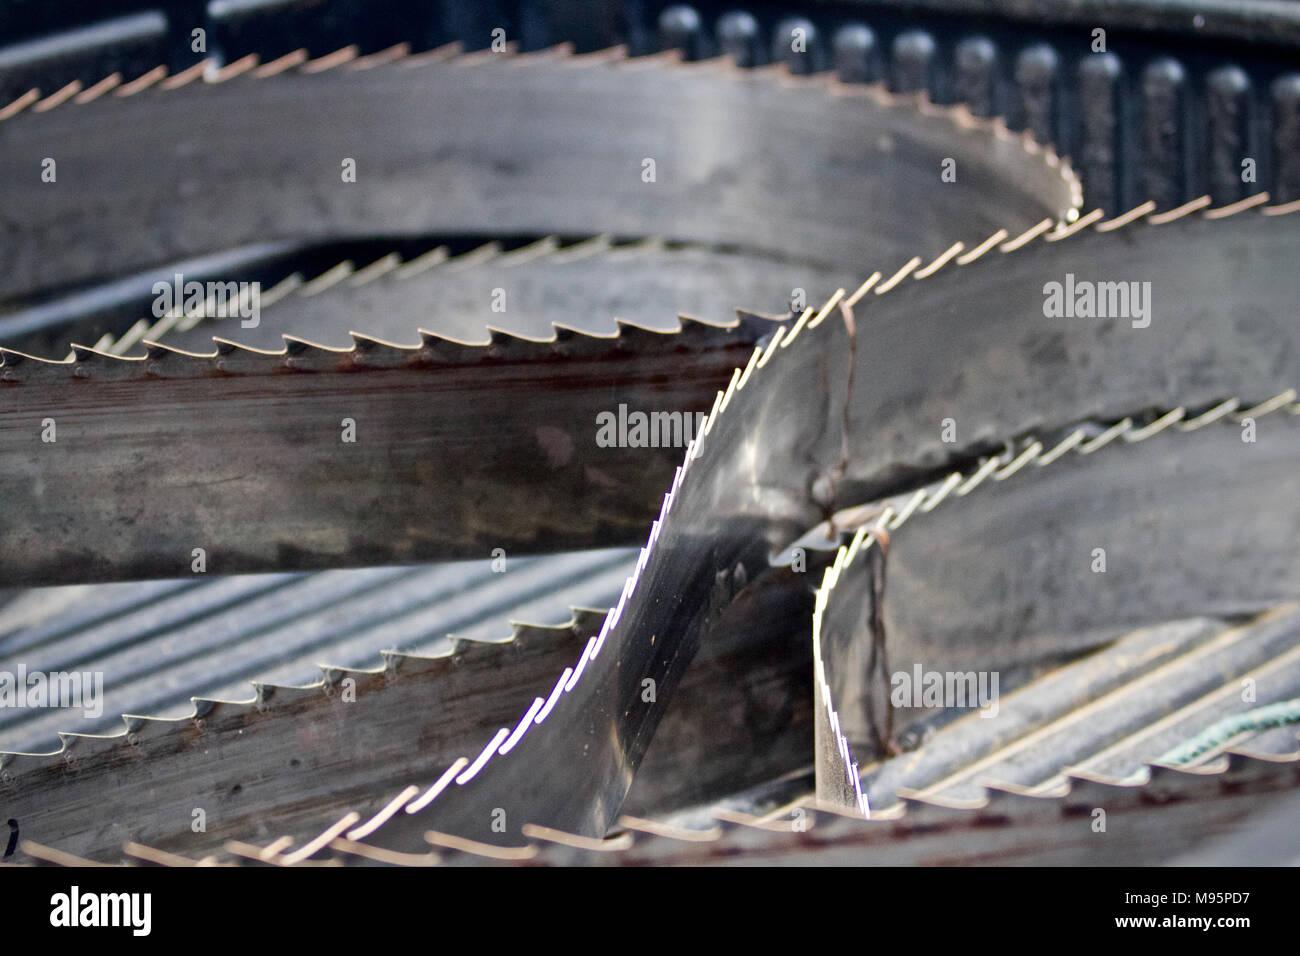 Giant band saw blade - Stock Image